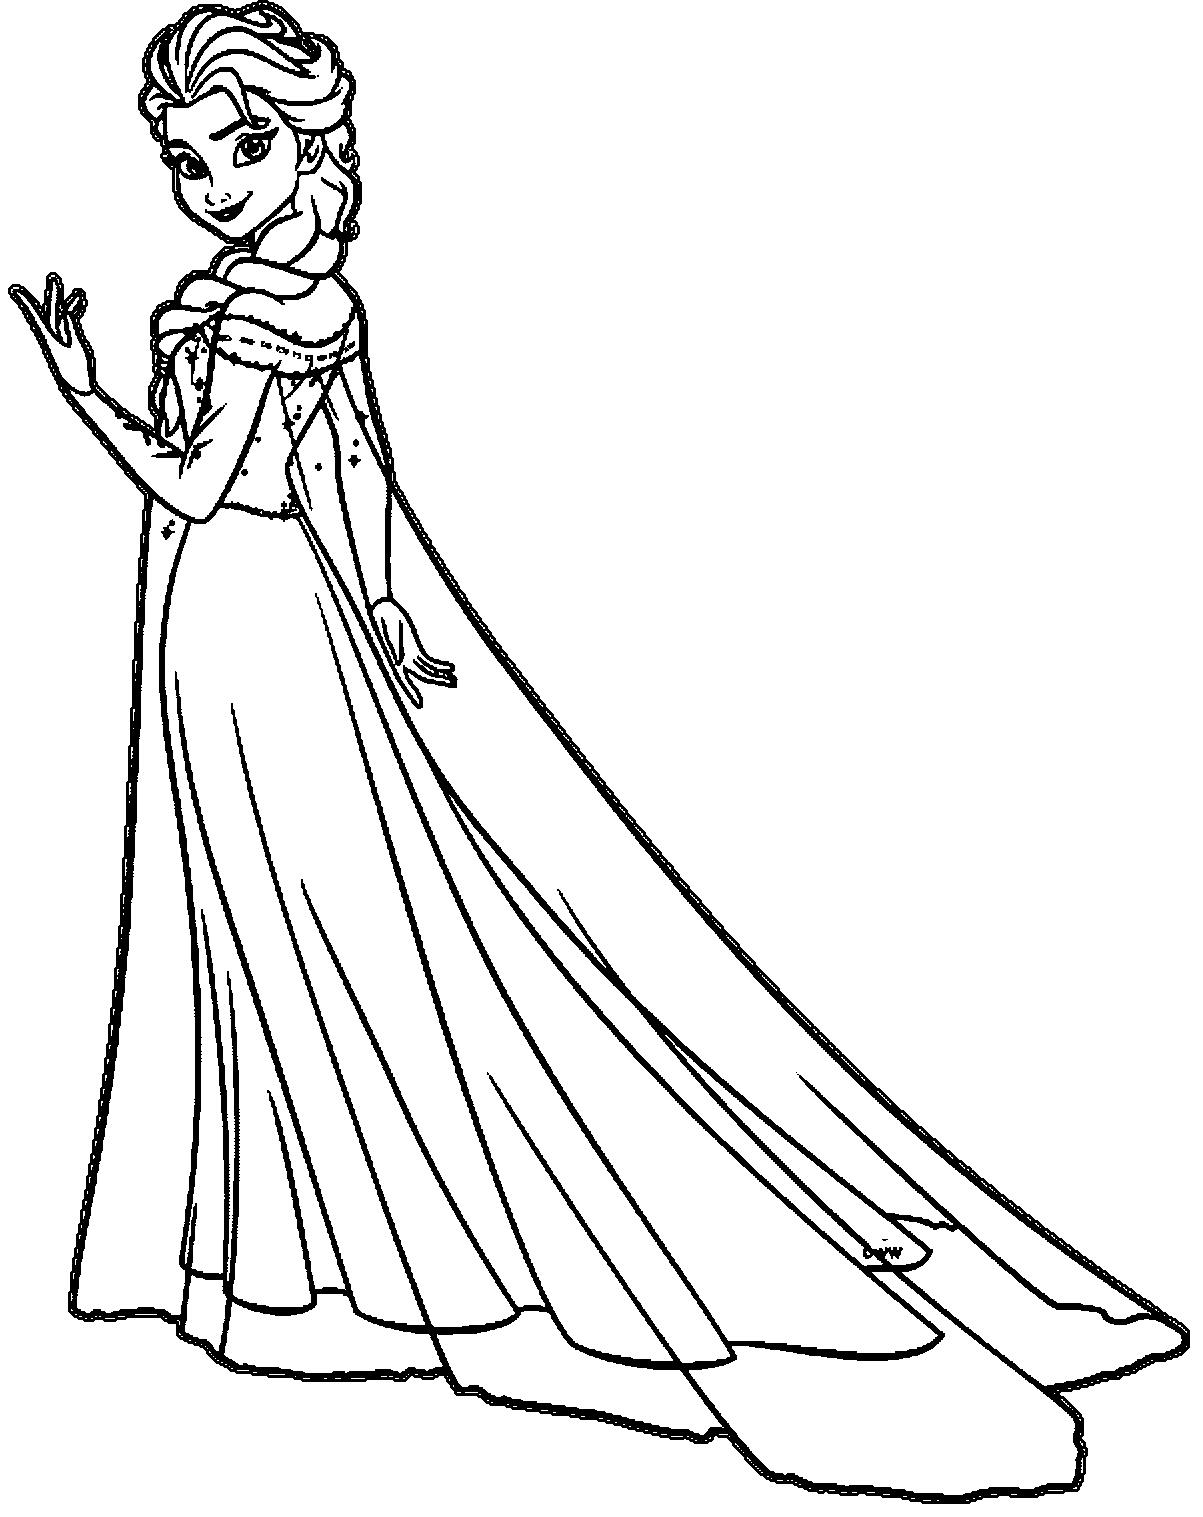 Tranh tô màu công chúa Elsa đáng yêu, dễ thương